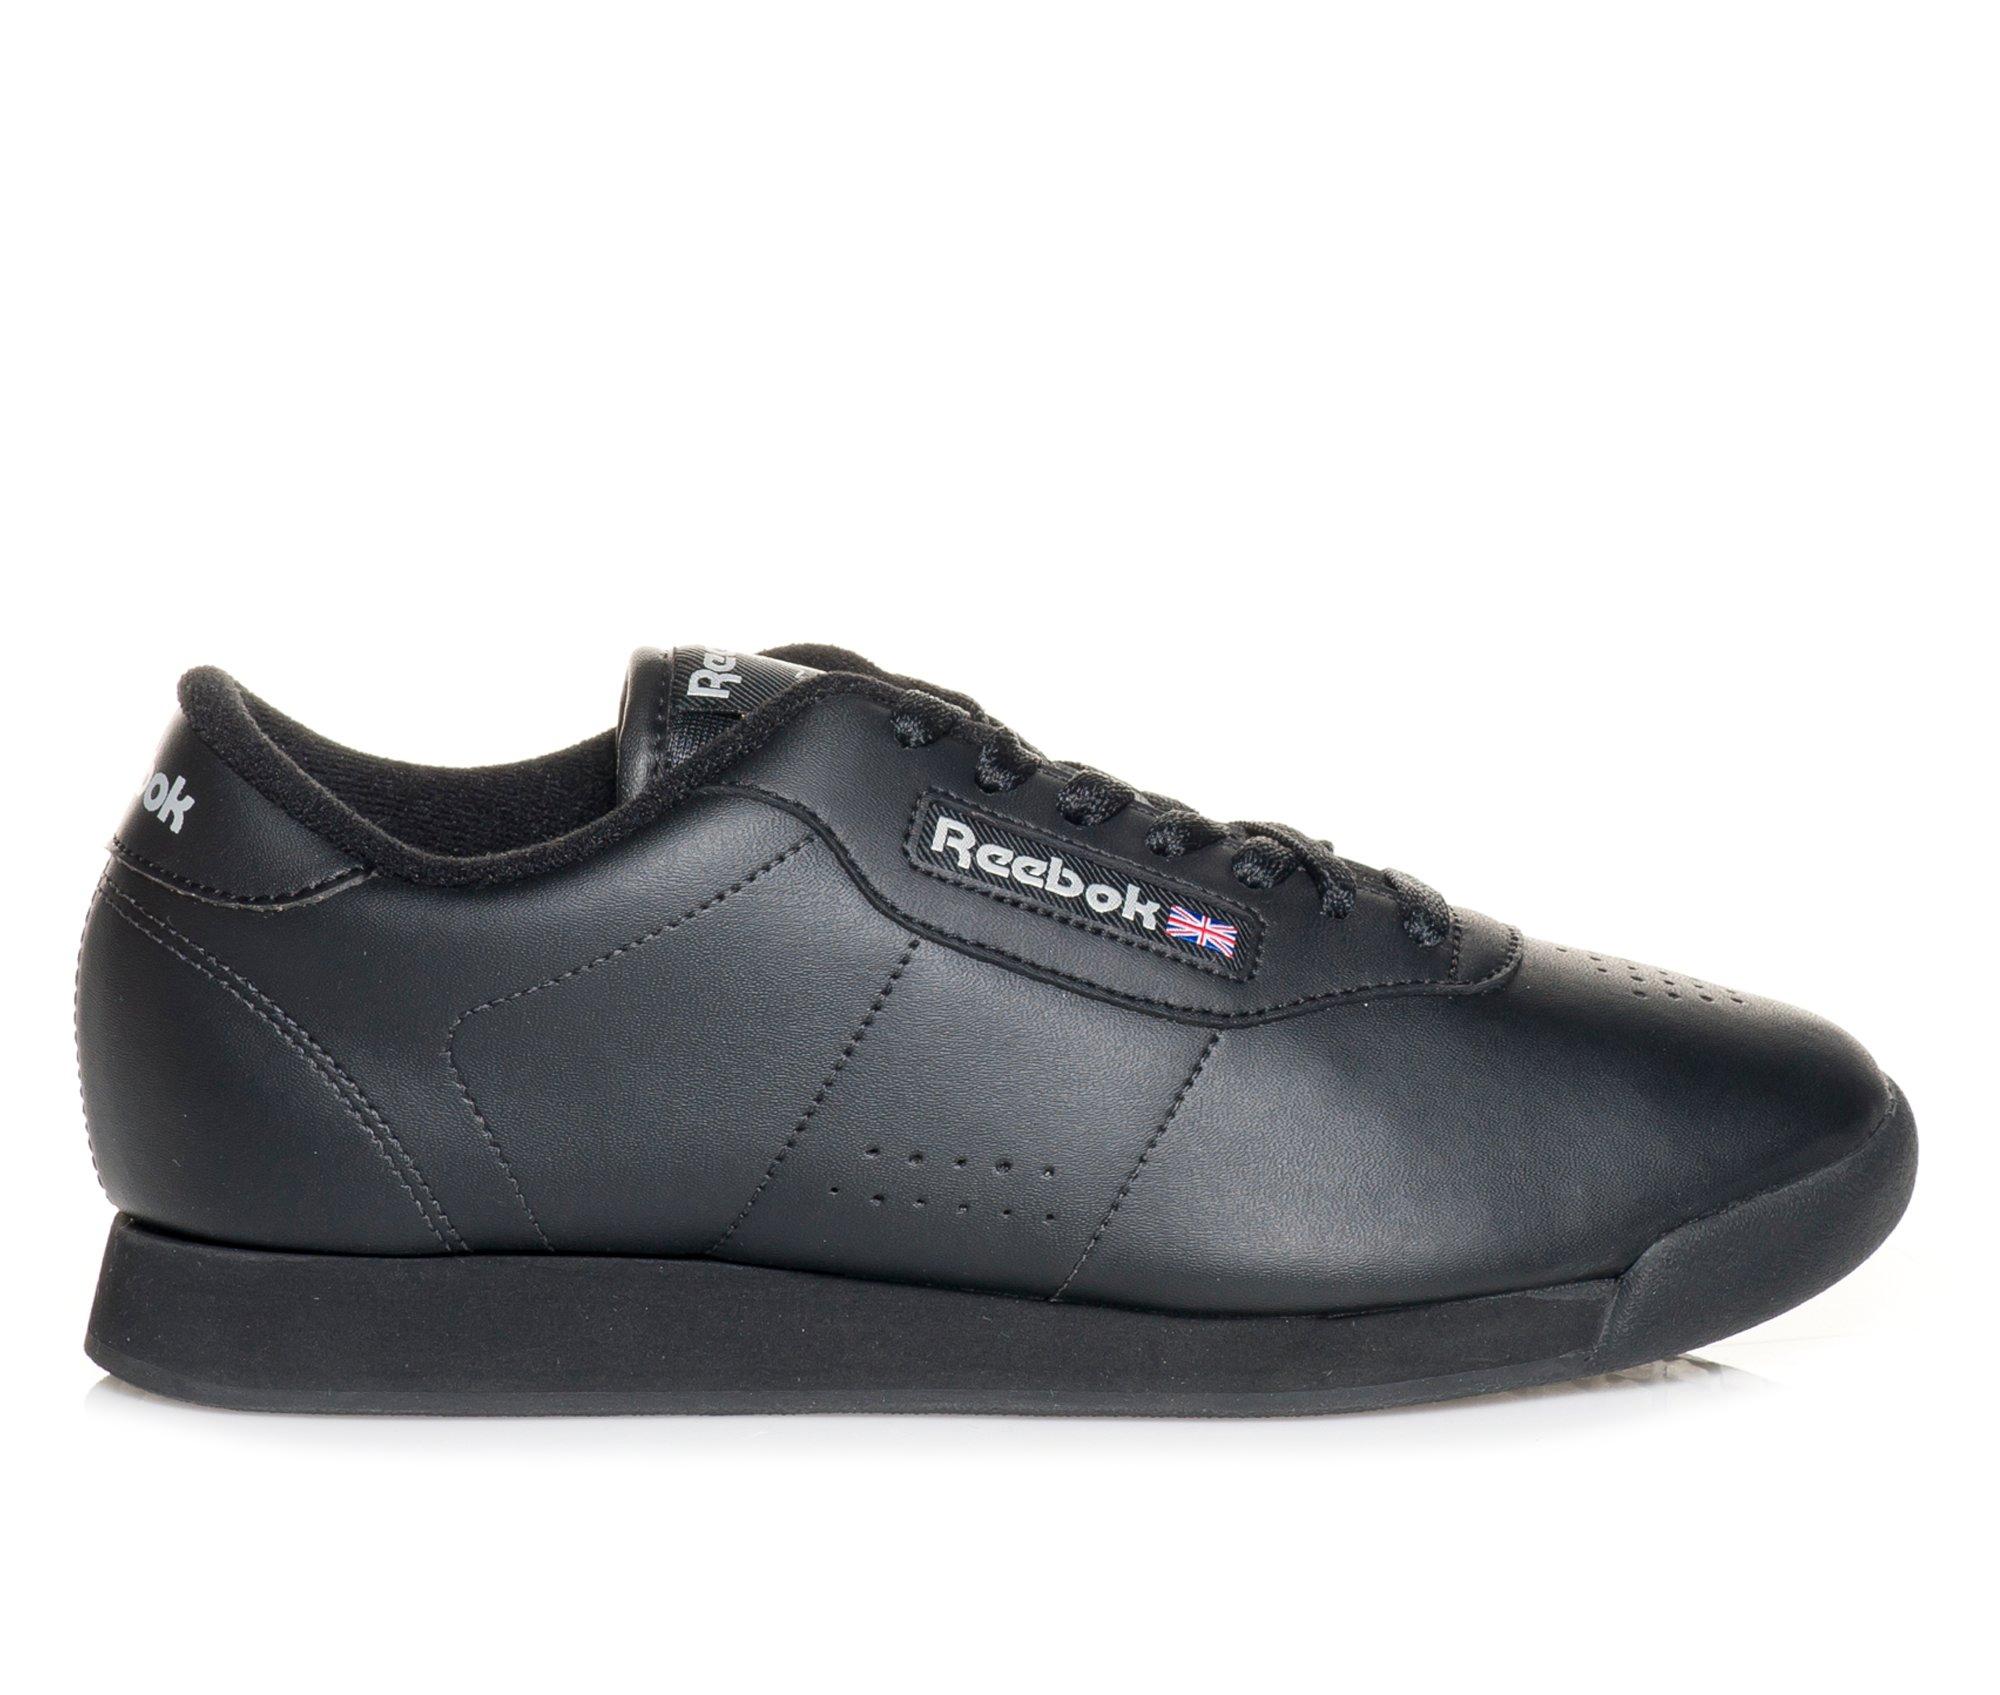 Women's Reebok Princess II Sneakers (Black - Size 7.5) 210172